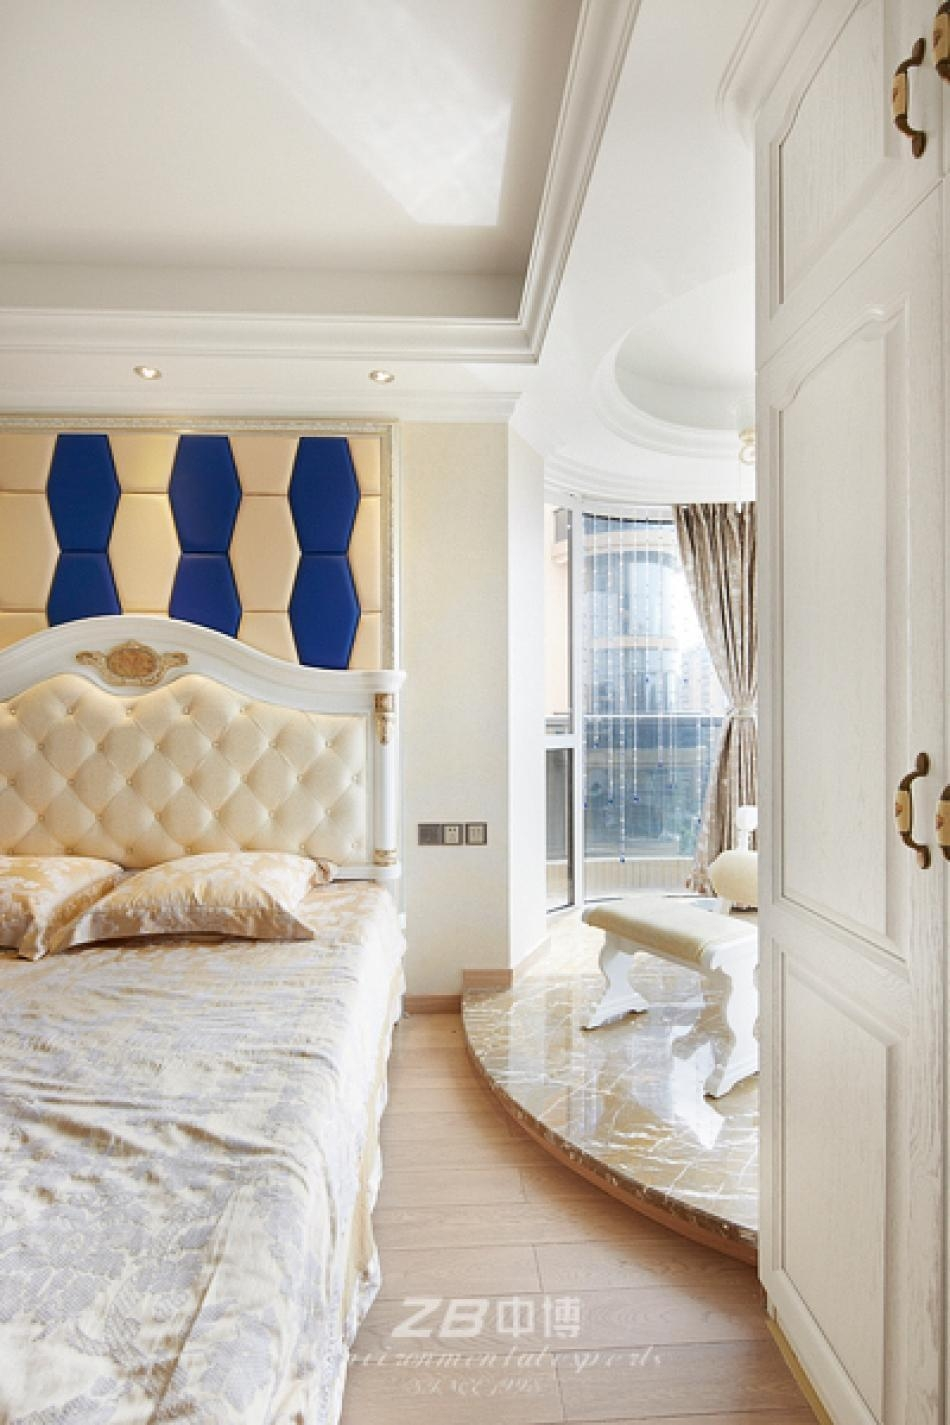 背景墙 房间 家居 起居室 设计 卧室 卧室装修 现代 装修 950_1425 竖